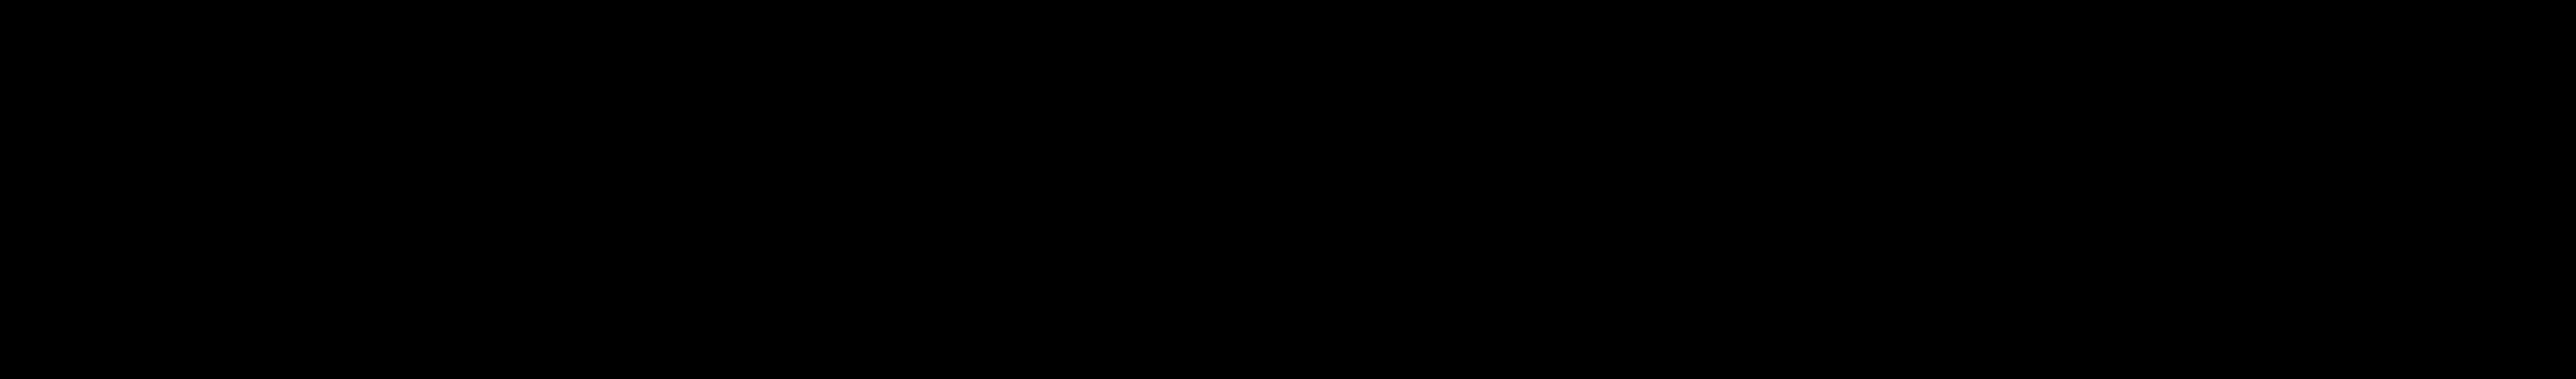 duracell logo 1 - Duracell Logo